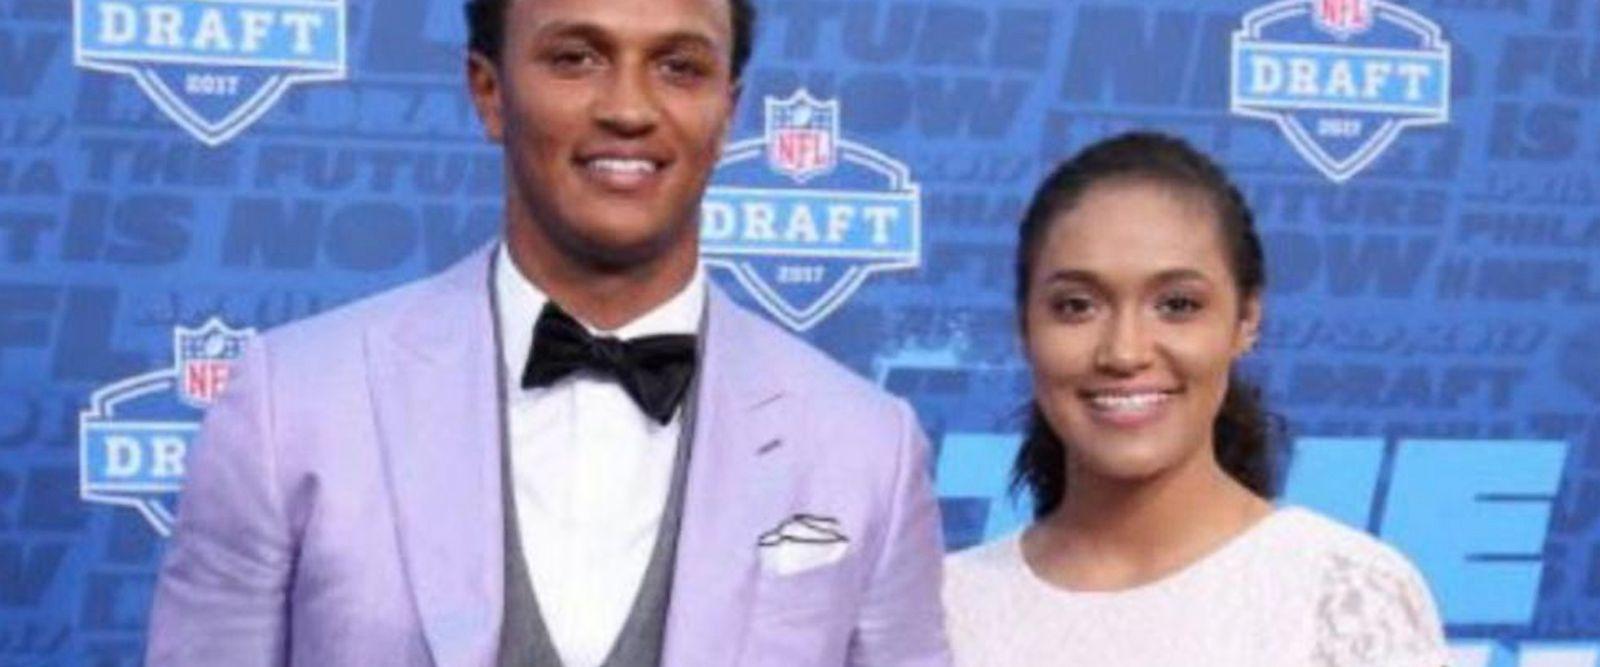 VIDEO: NFL draft fashion